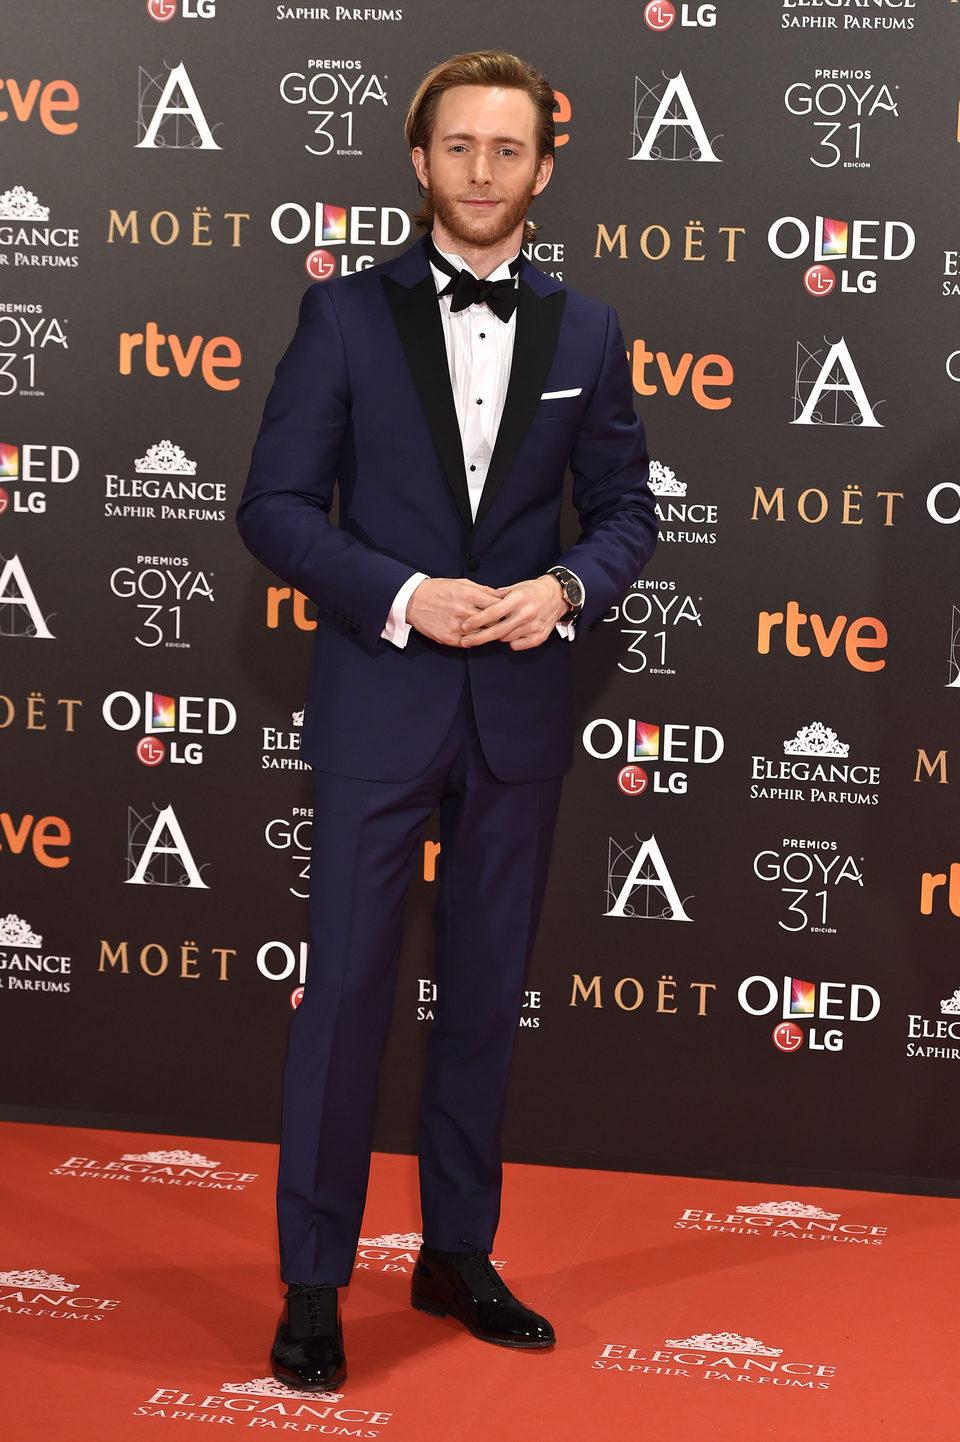 Pablo Rivero, actor de 'Cuéntame cómo pasó, en la alfombra roja de los Premios Goya 2017